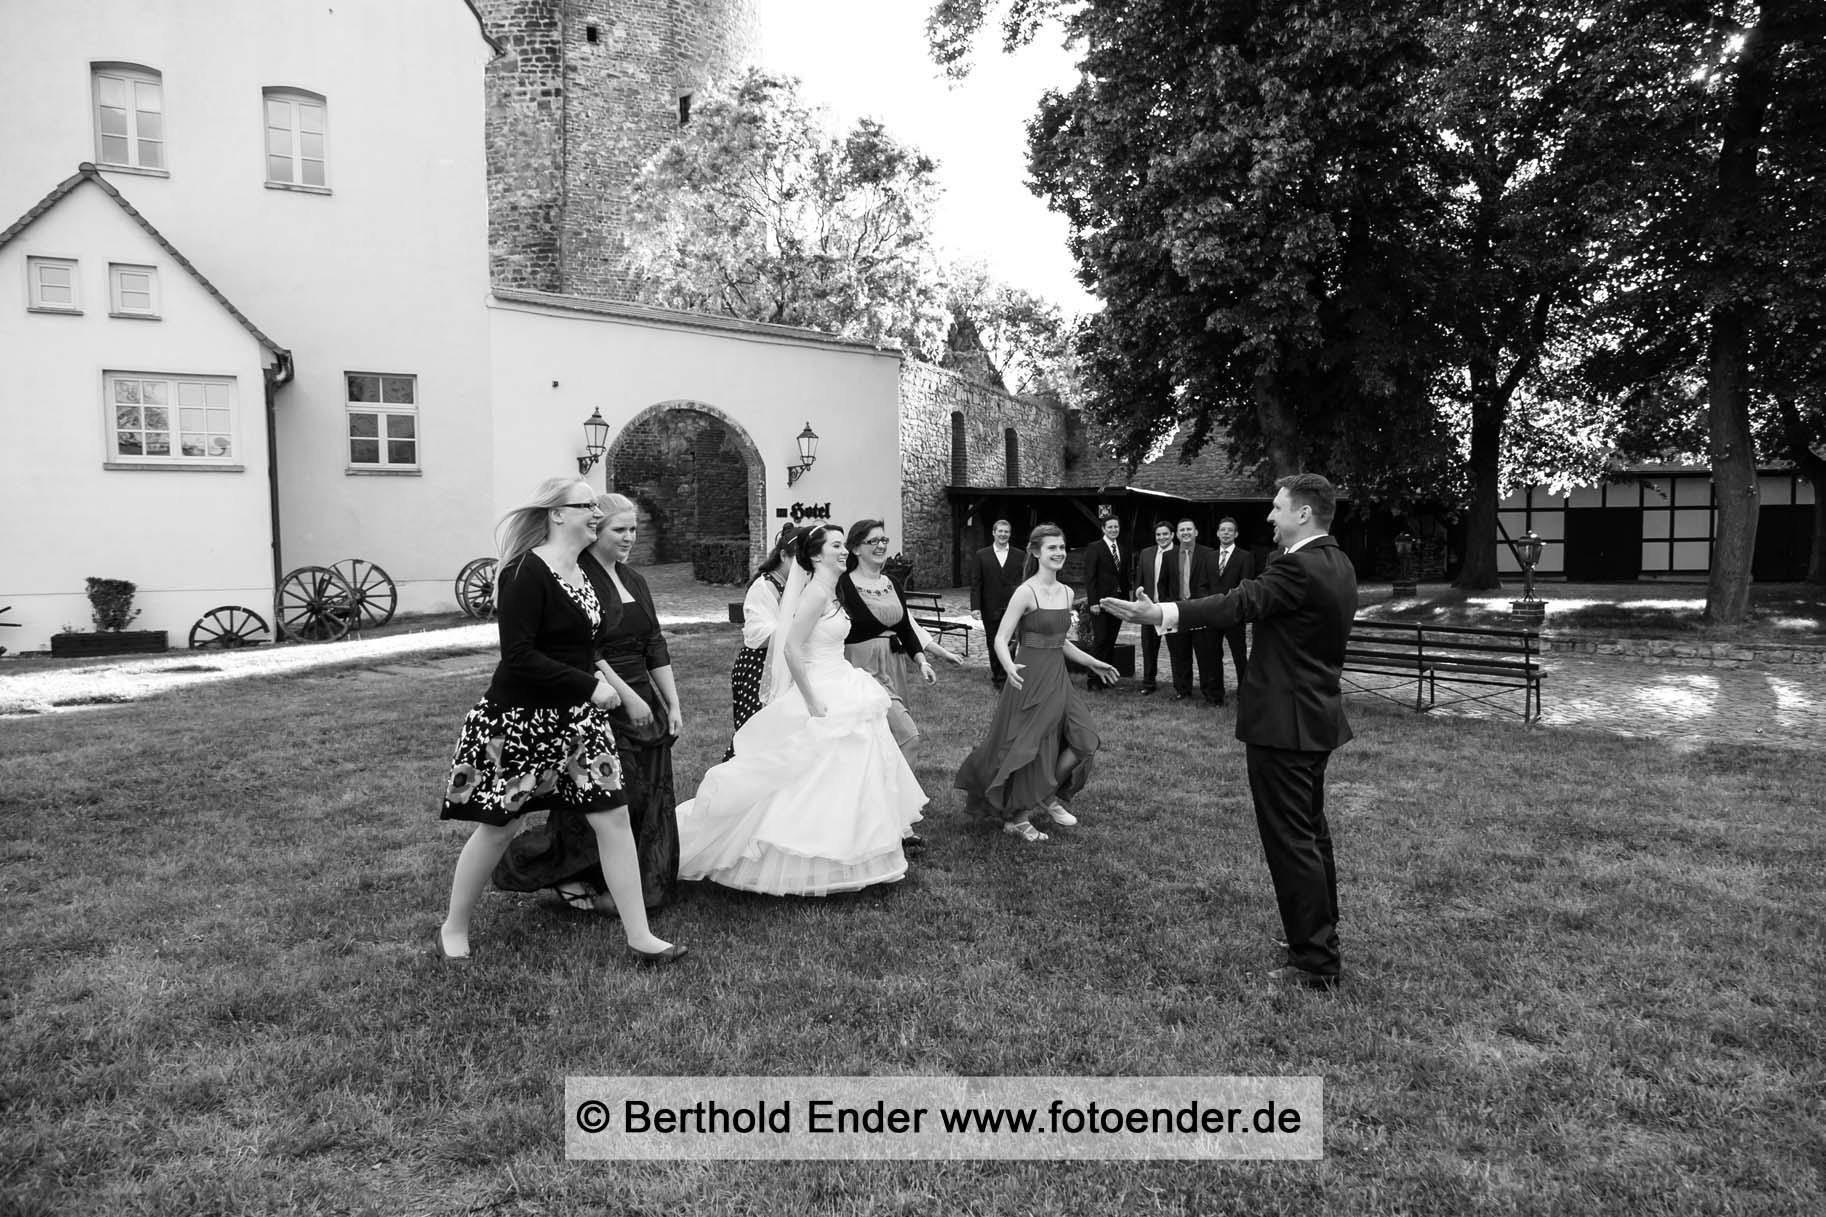 Enchanting Lustige Hochzeitsbilder Best Choice Of Hochzeitsbilder: Fotostudio Ender